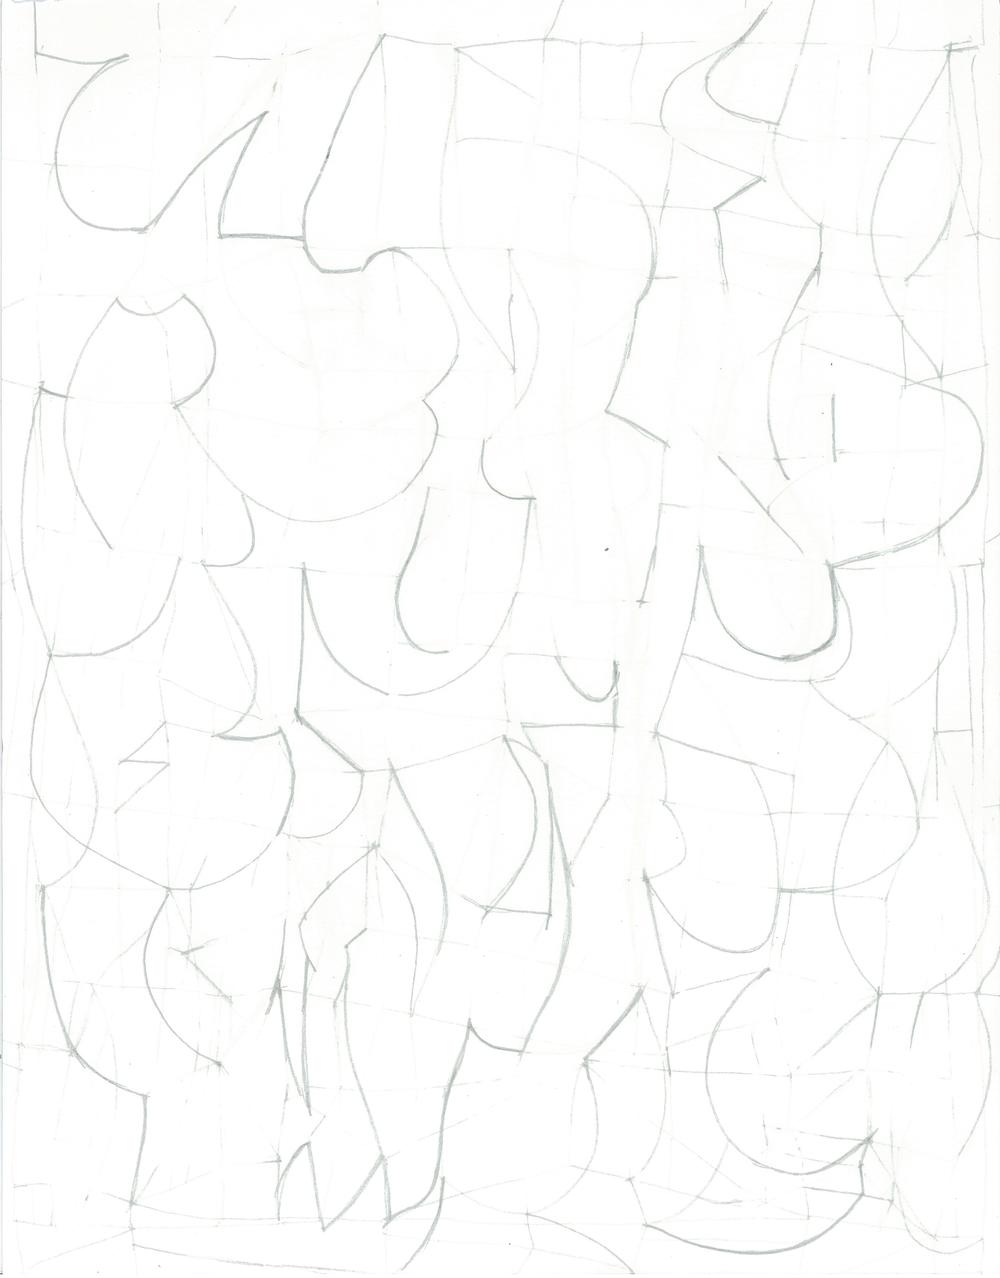 SK15-drawing1.jpg